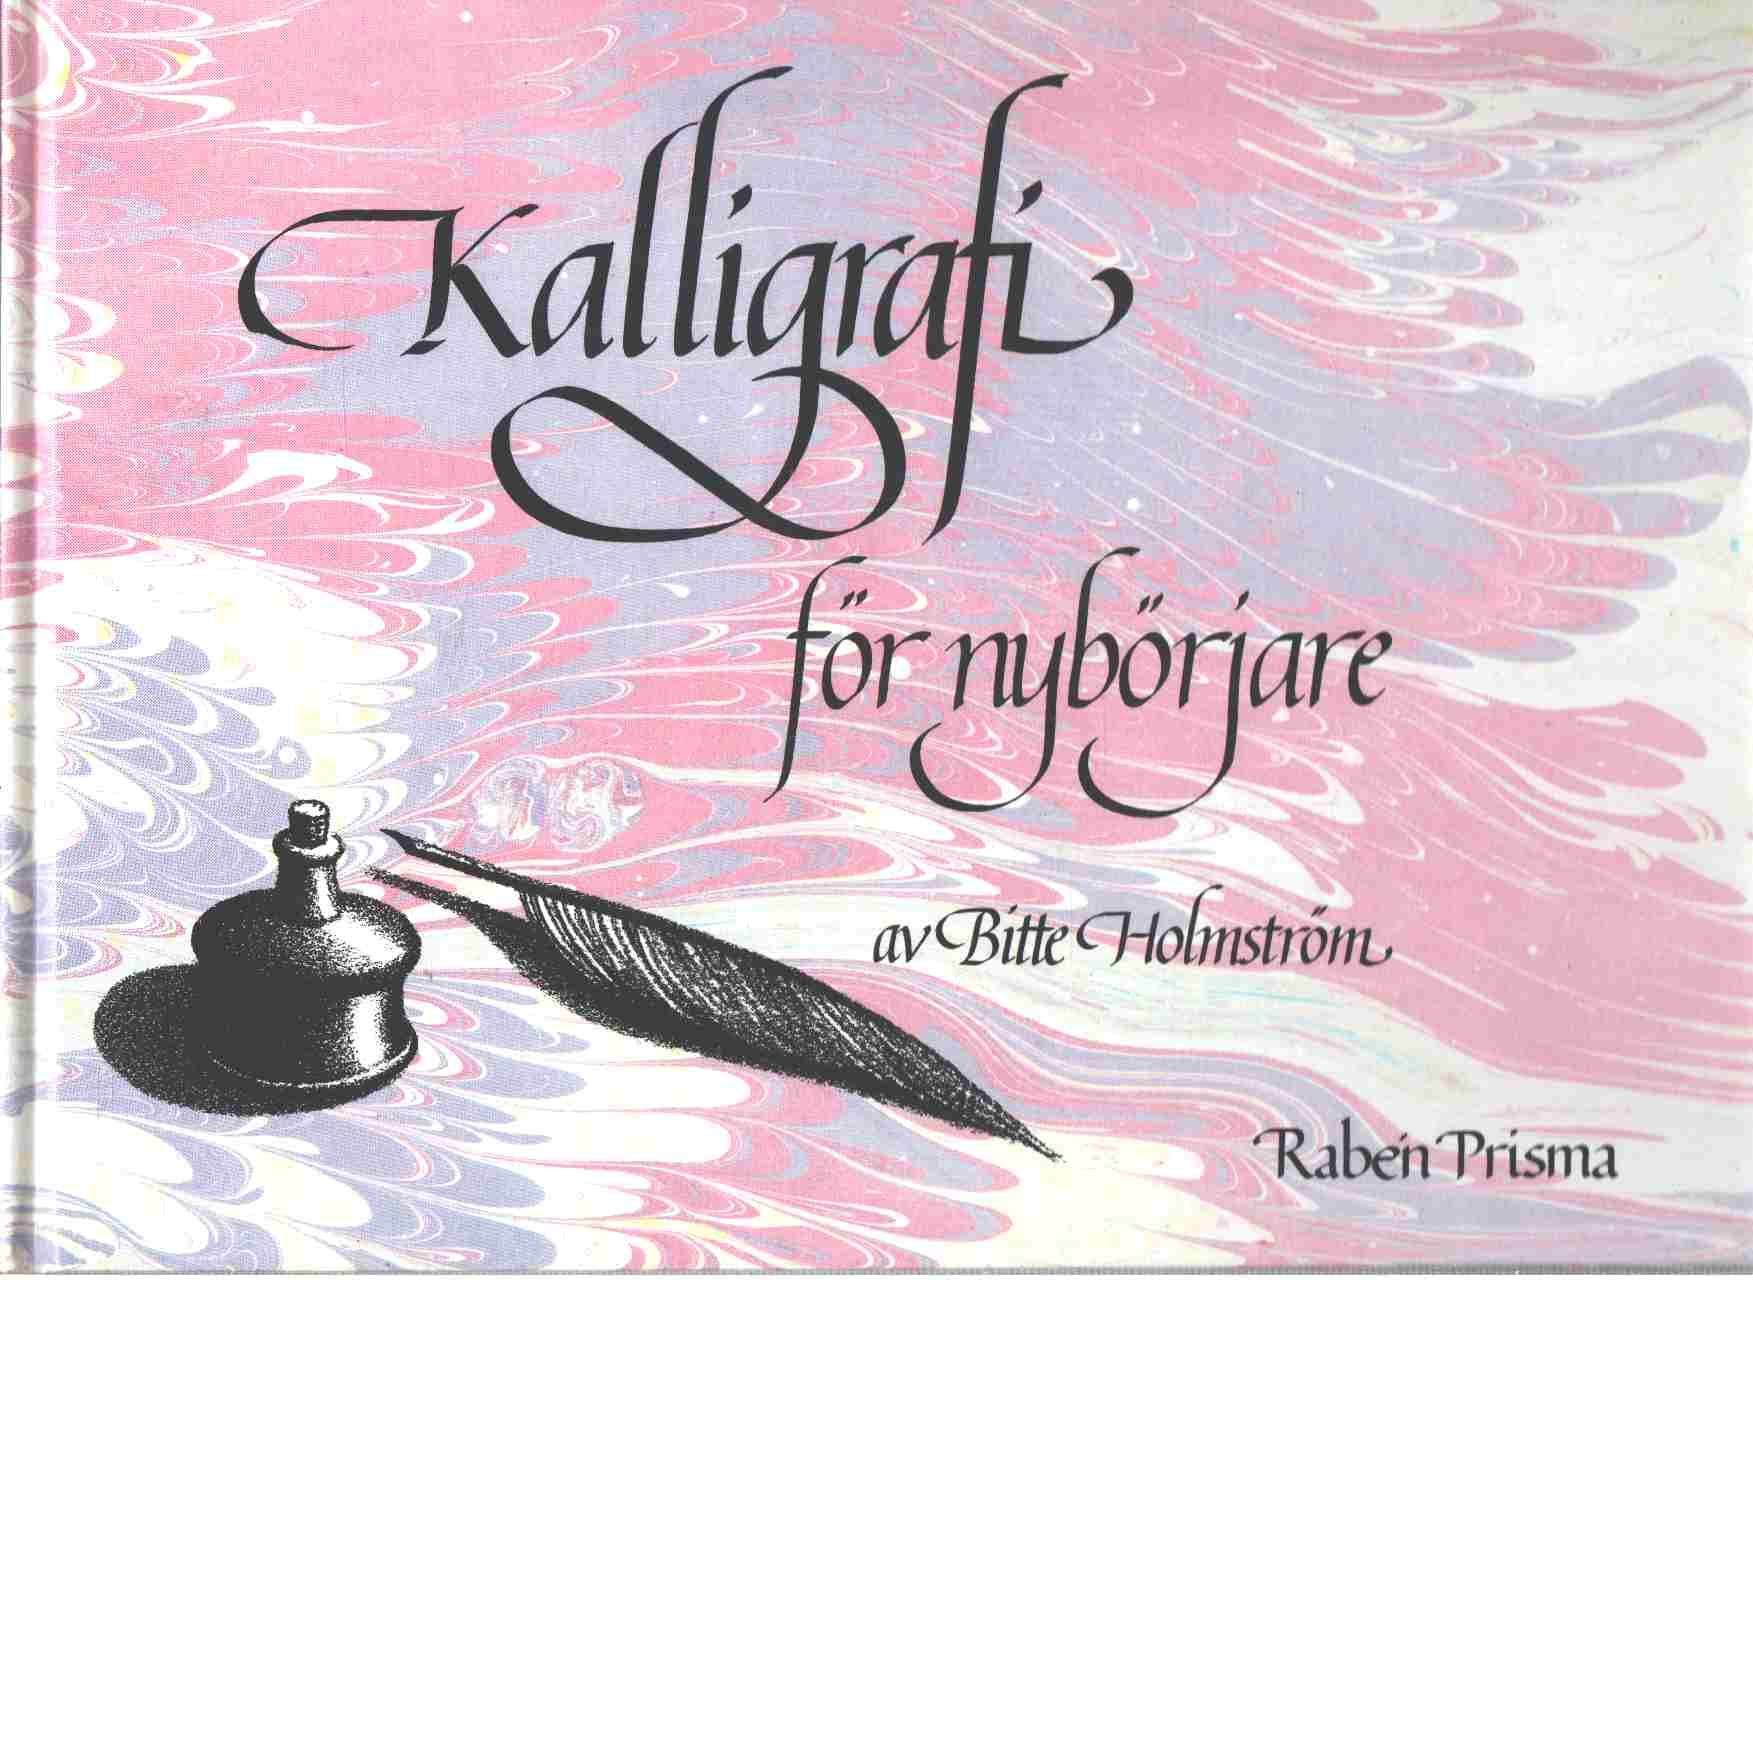 Kalligrafi för nybörjare - Holmström, Bitte